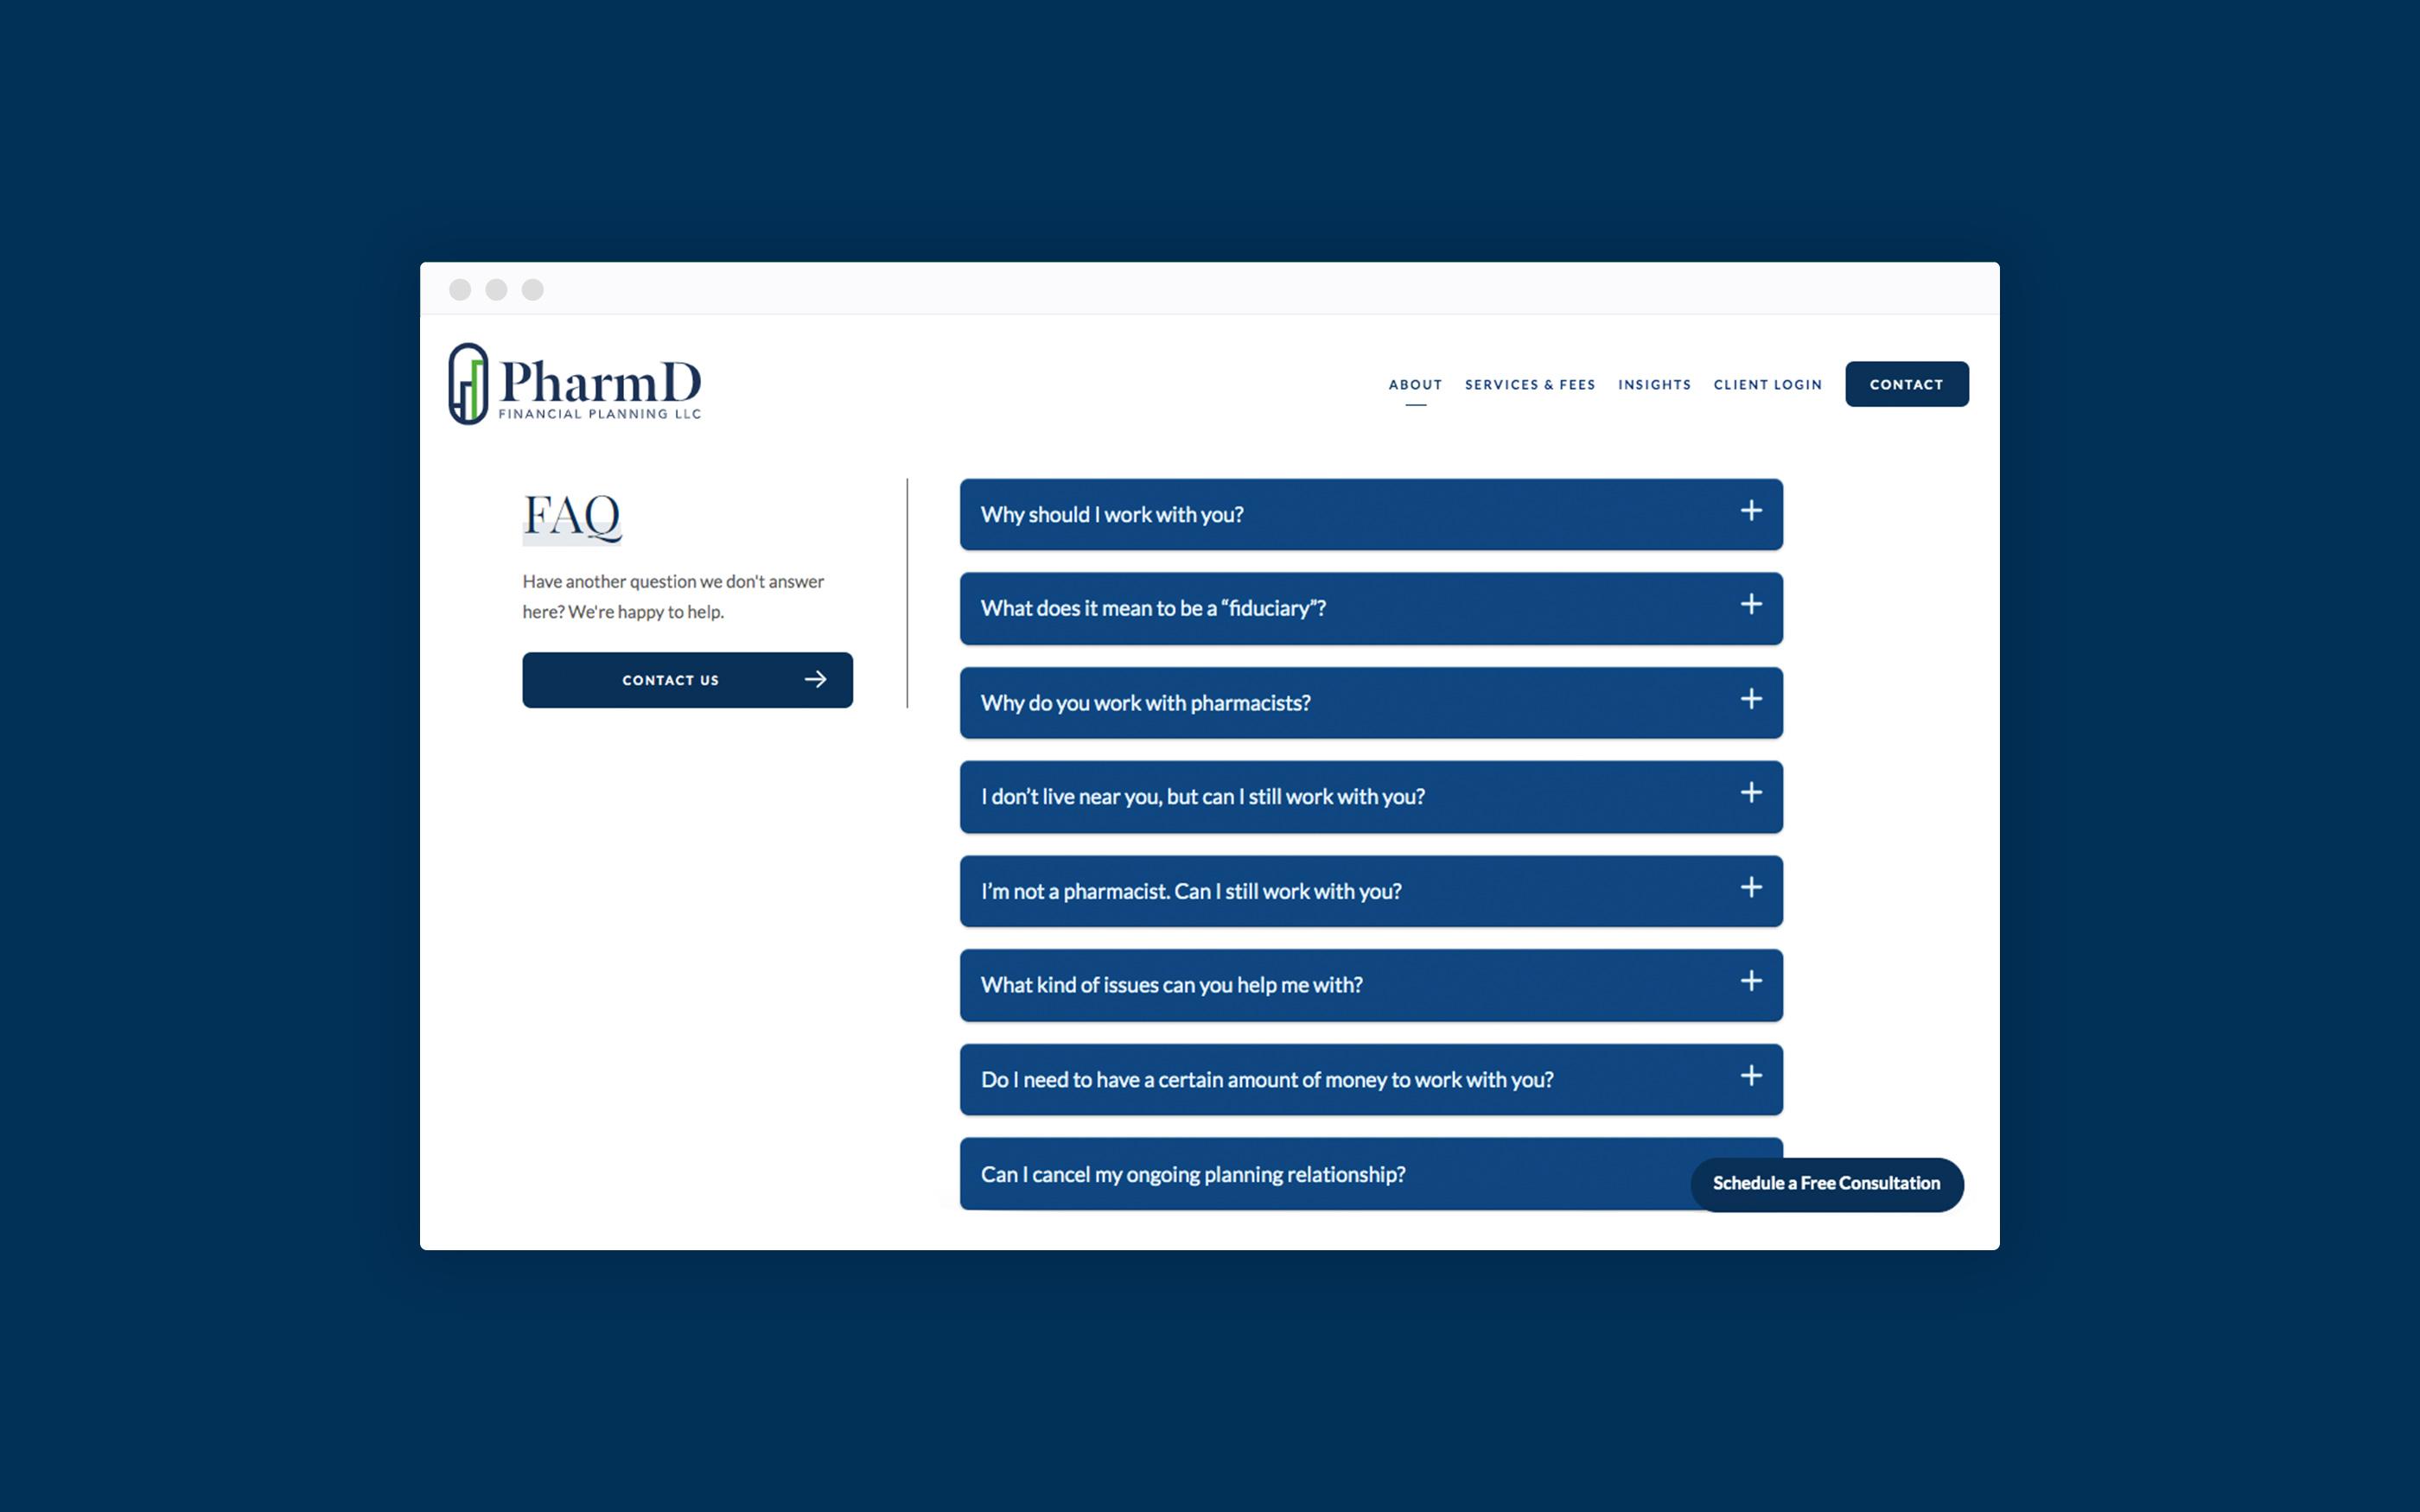 PharmD FAQ page